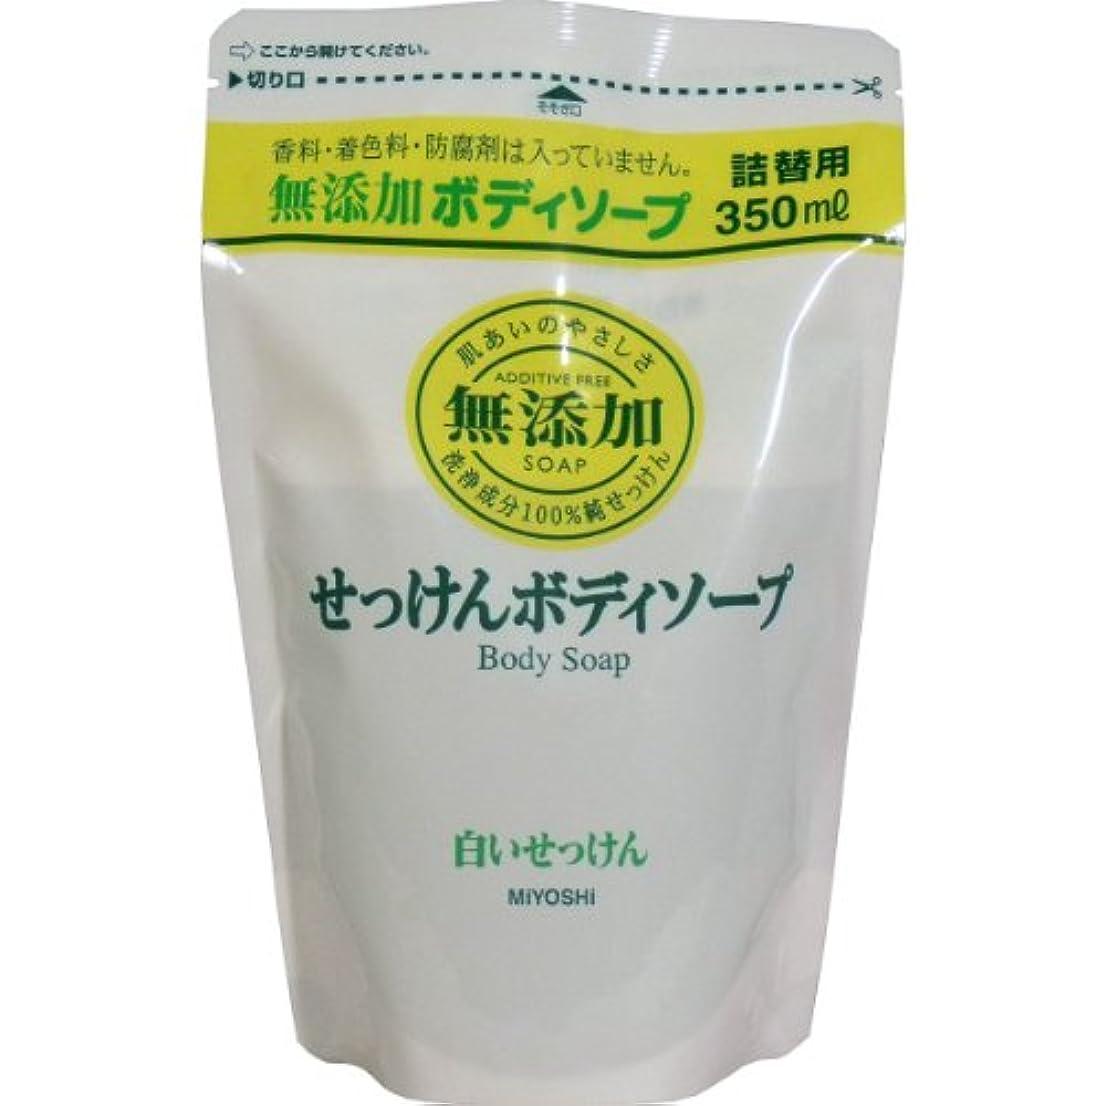 フラスコツール不信ミヨシ石鹸 無添加 ボディソープ 白い石けん つめかえ用 350ml×20個セット(無添加石鹸)